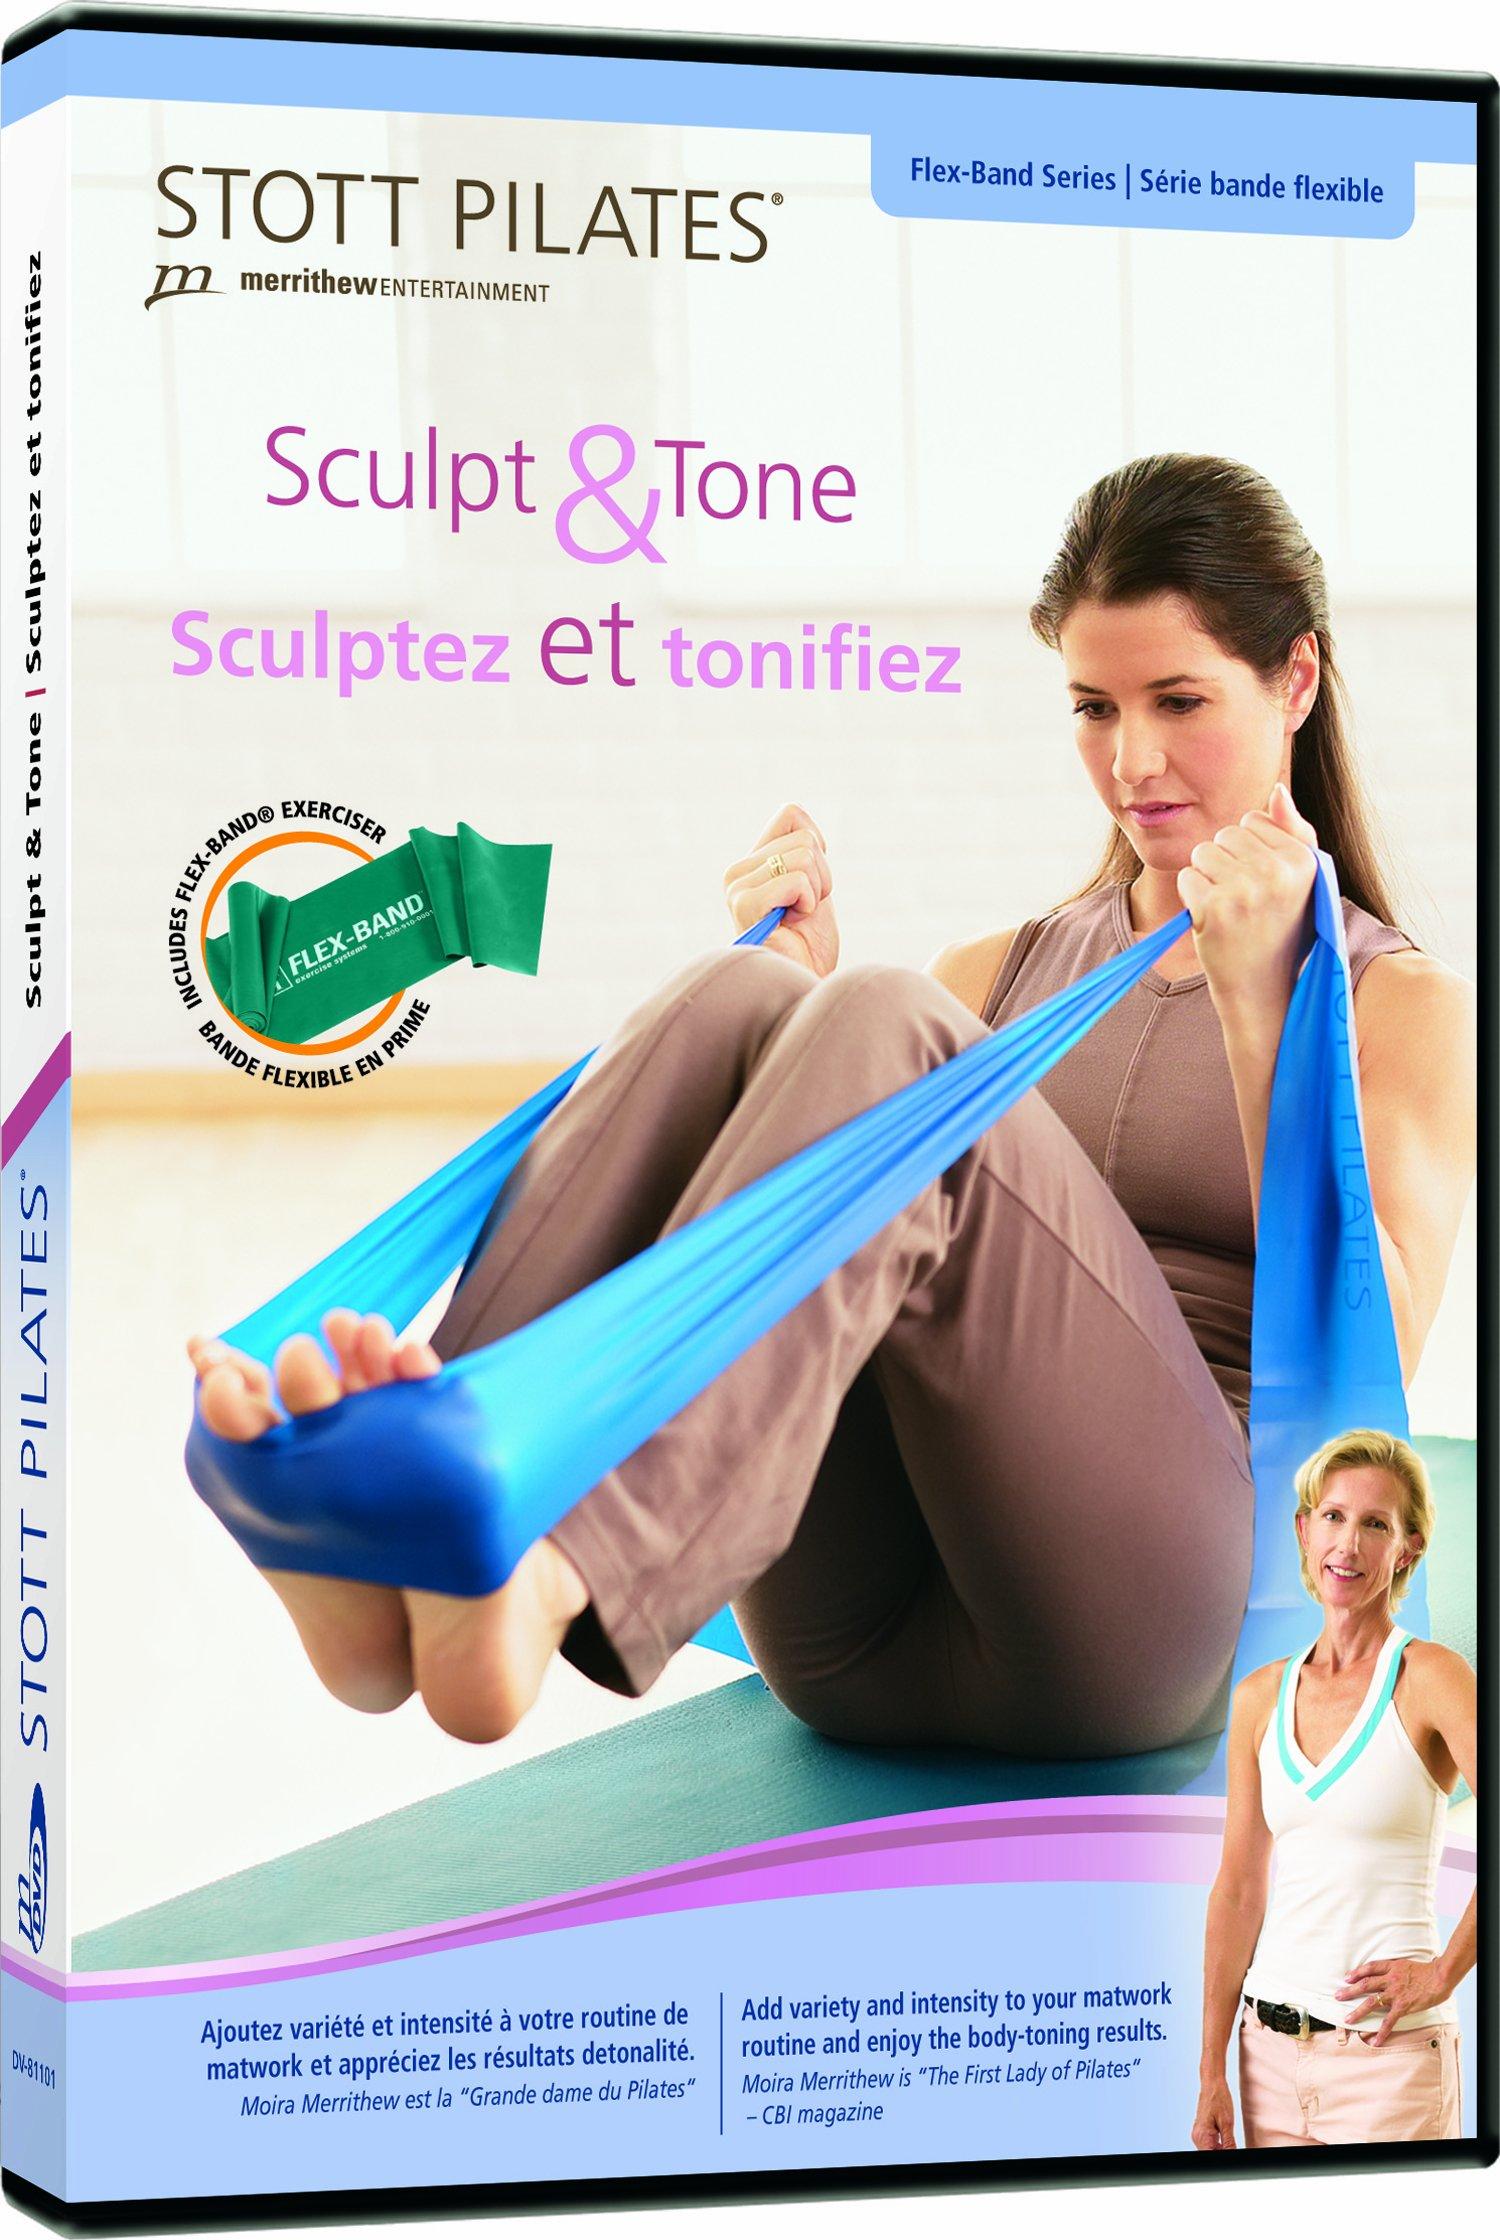 Stott Pilates Sculpt and Tone + Flex-Band DVD